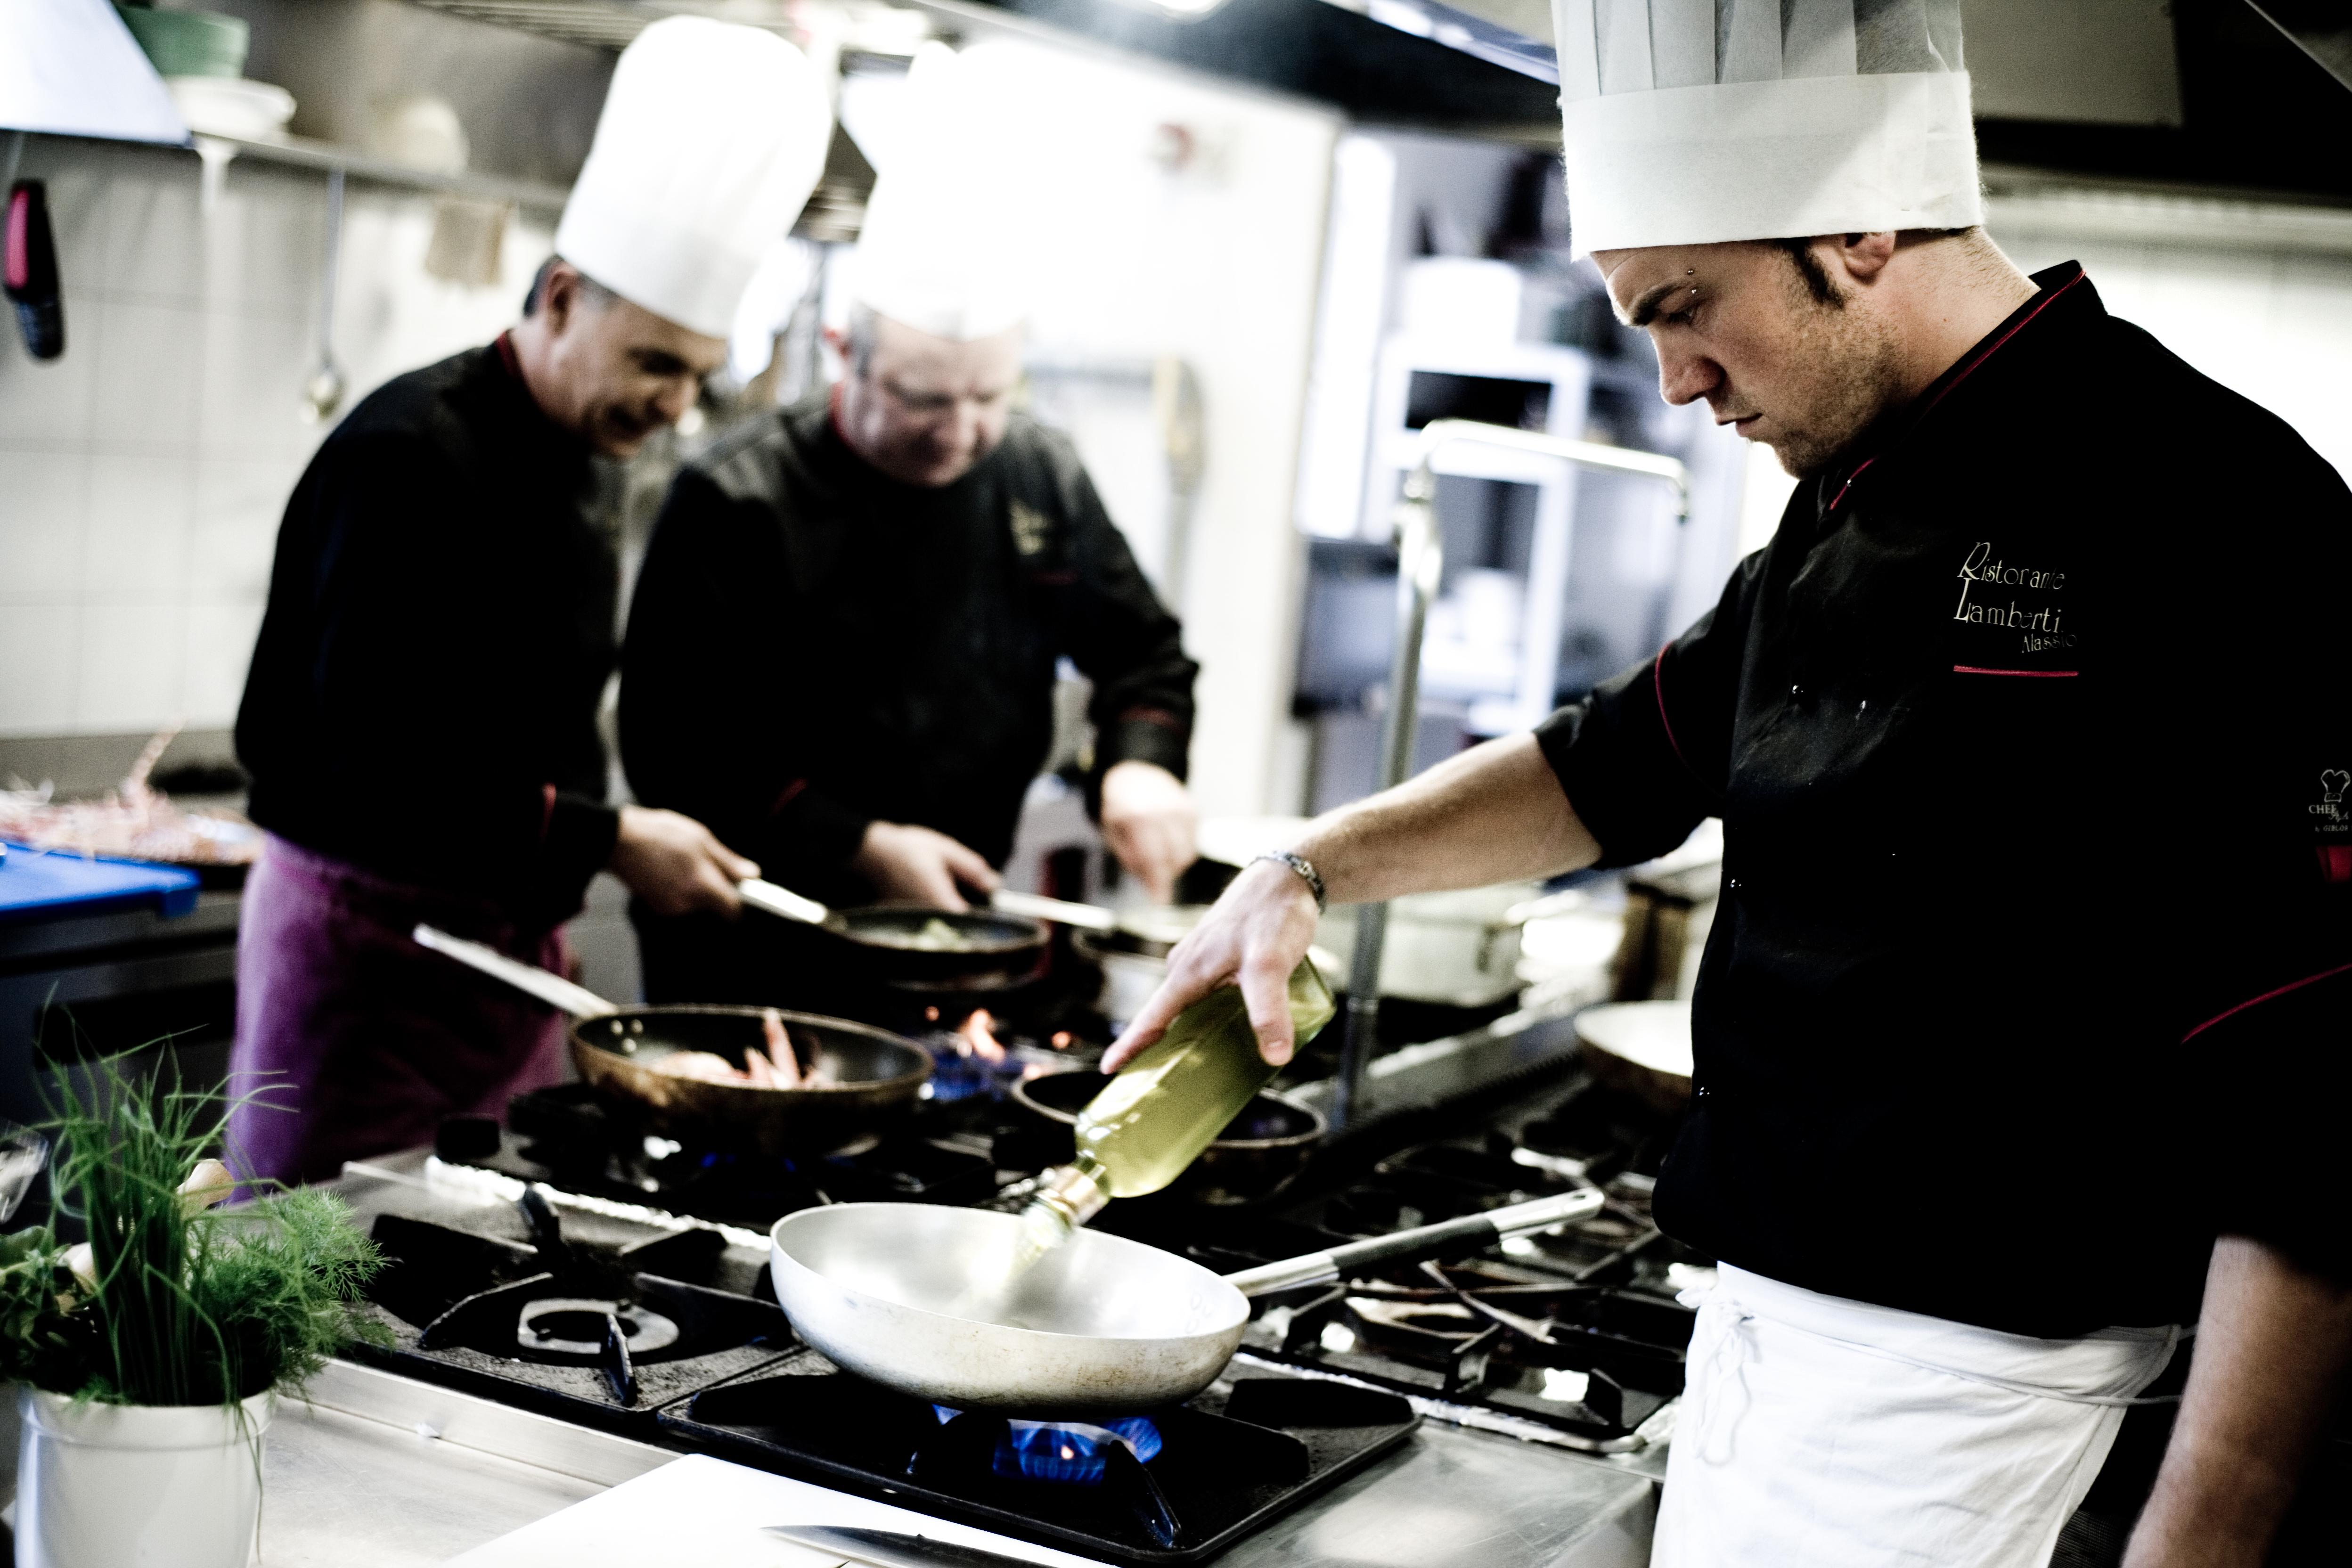 Cucina Lamberti 144